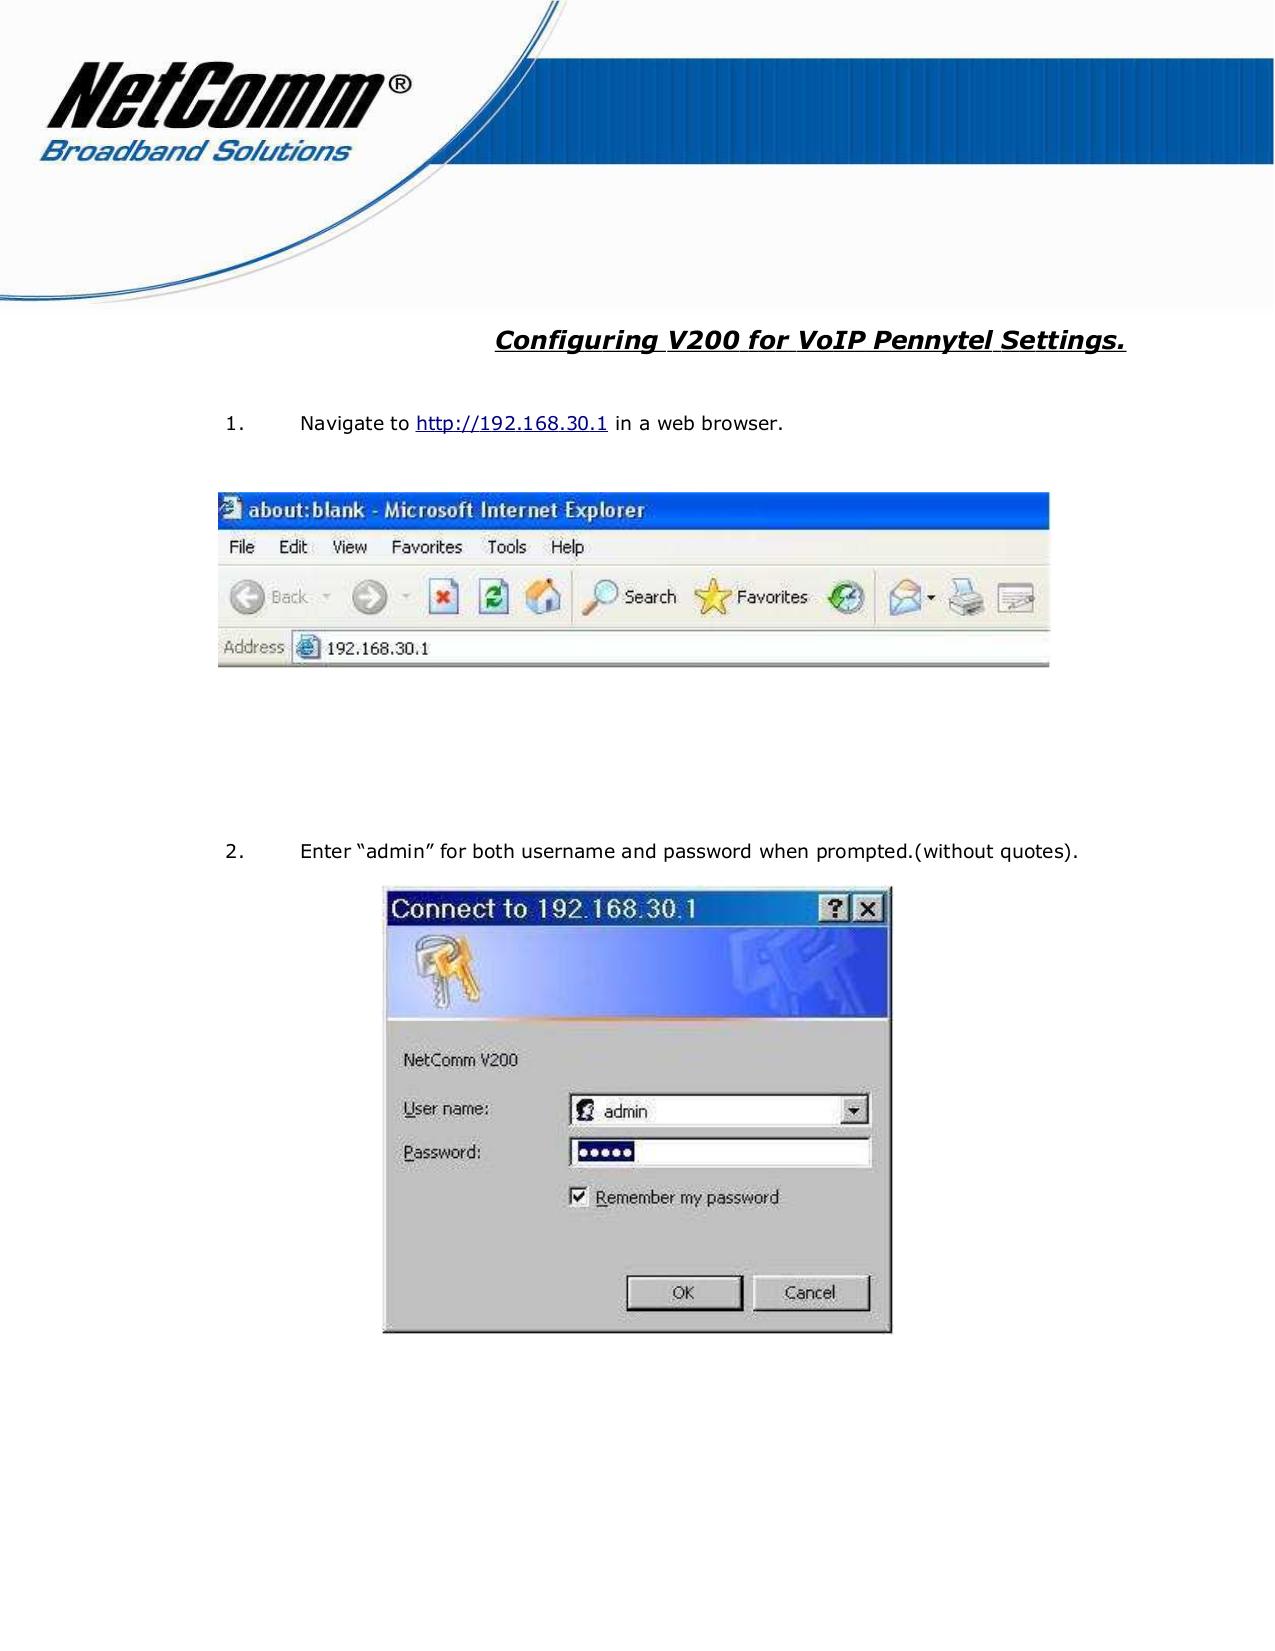 pdf for Netcomm Router V200 manual